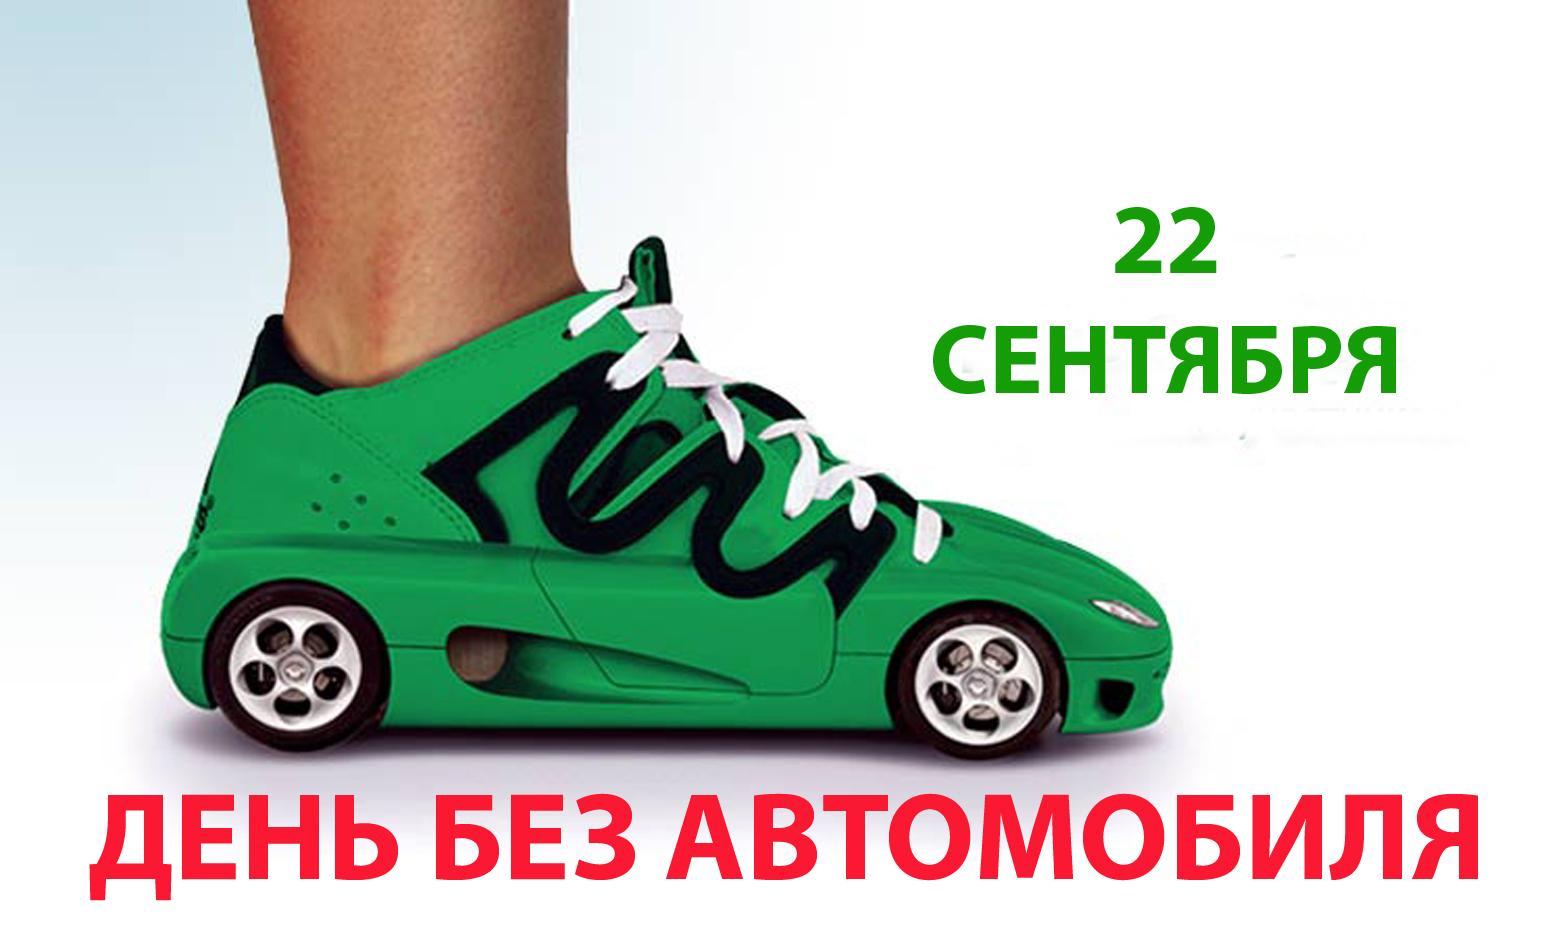 Крымчанам предлагают провести один день без автомобиля